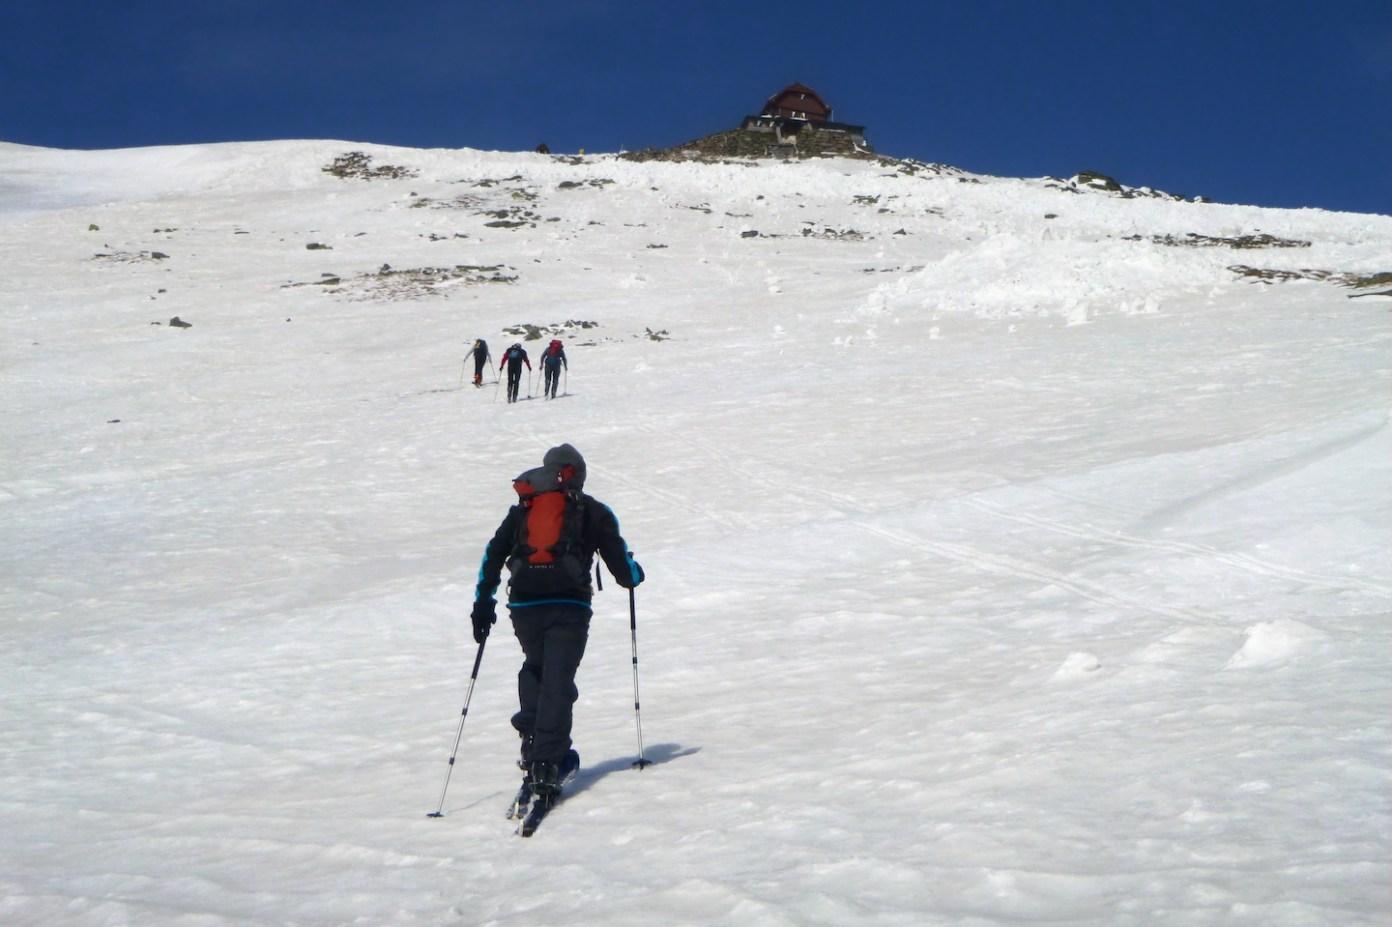 Chata pod vrcholem kopce je na dosah. Idylický záběr, když z obrazovky počítače do obličeje nefuní nechutný severák jako ve skutečnosti.